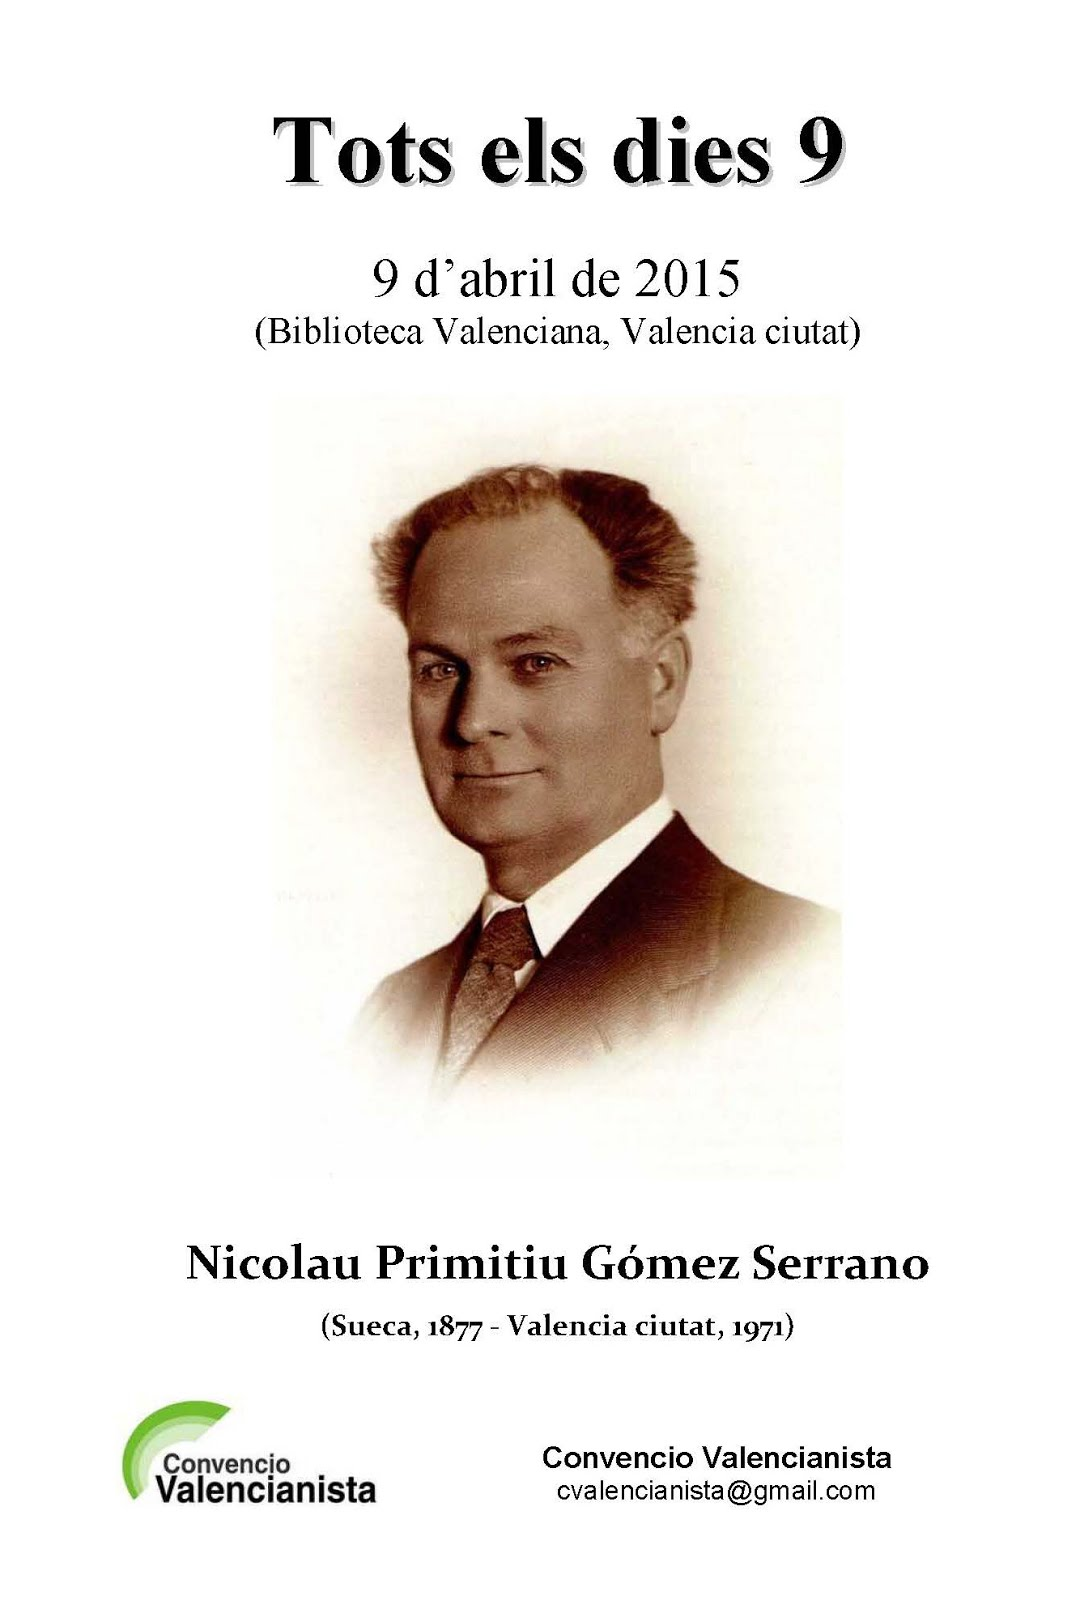 09.04.15 TOTS ELS DIES 9, HOMENAGE A NICOLAU PRIMITIU GÓMEZ SERRANO